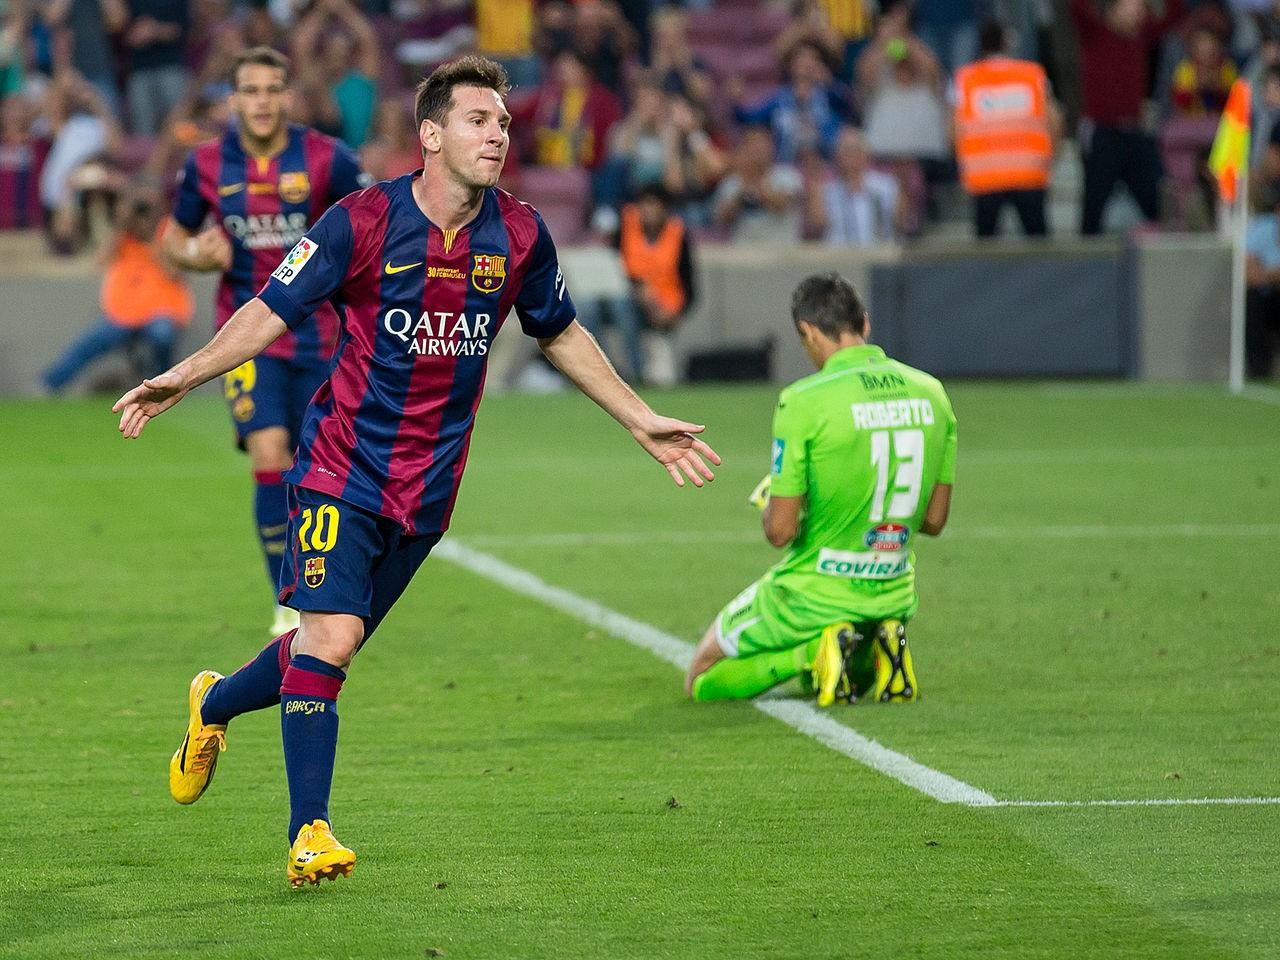 """Lê Công Vinh: """"Yêu Ronaldo nhưng lý trí chọn Messi"""""""